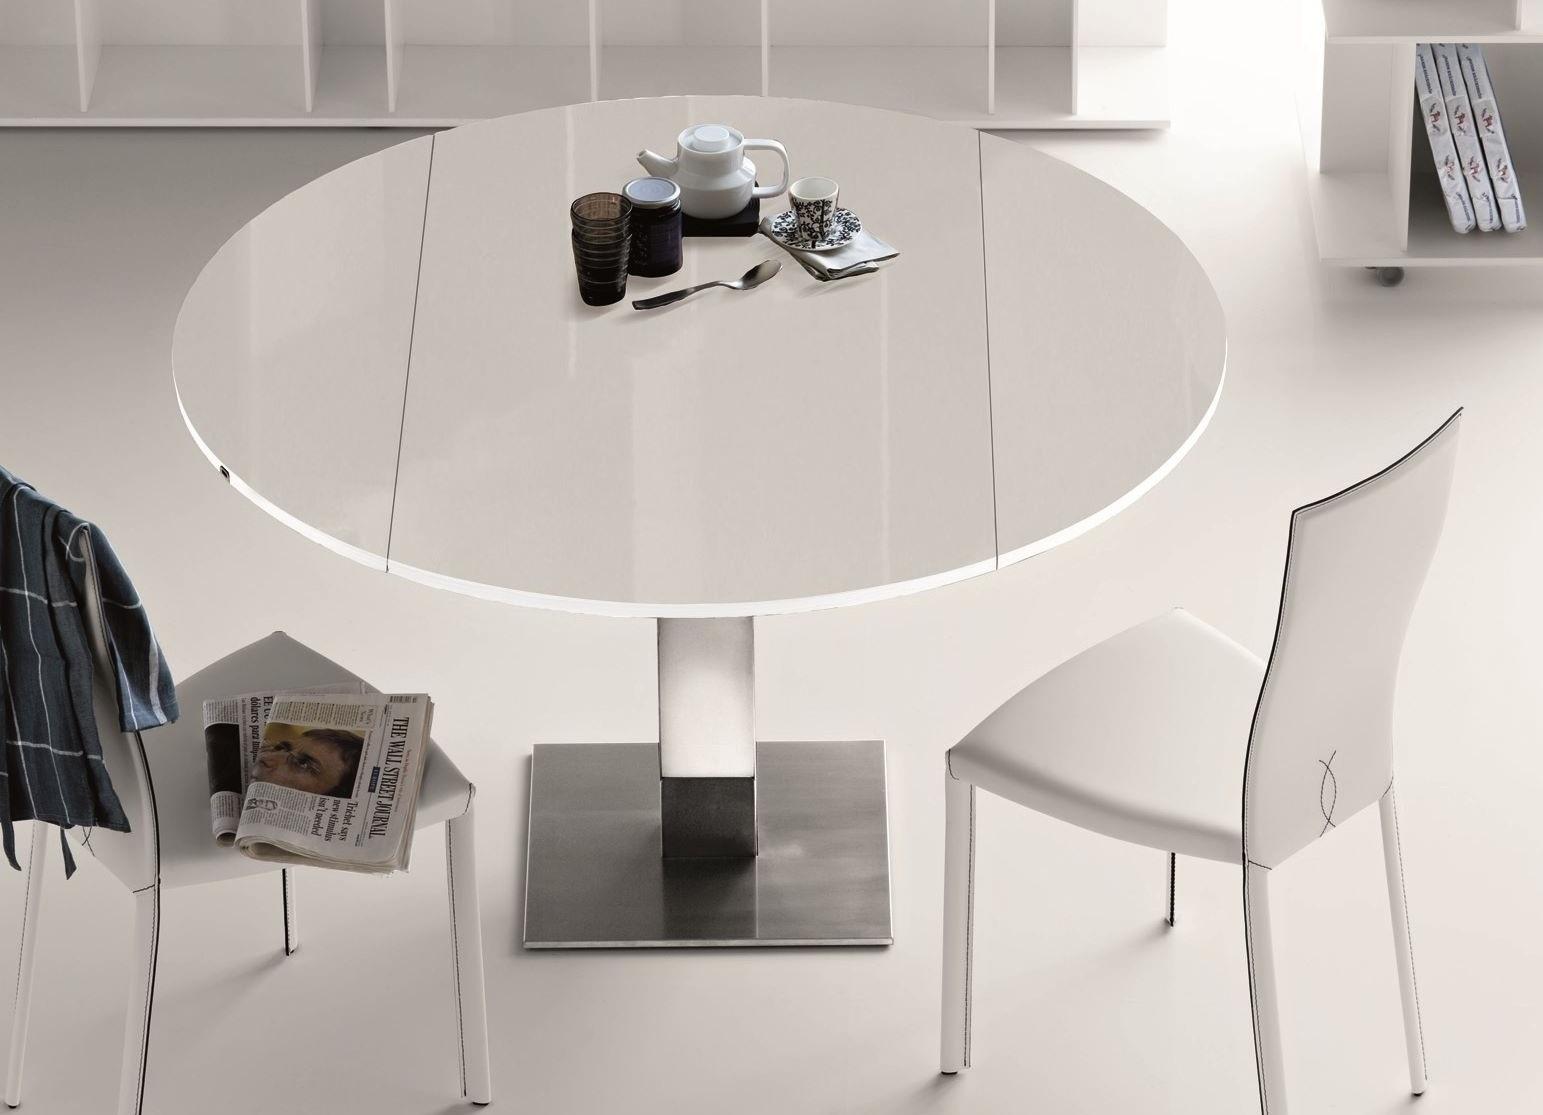 Круглый стол на кухню: плюсы и минусы, как выбрать, фото в интерьере